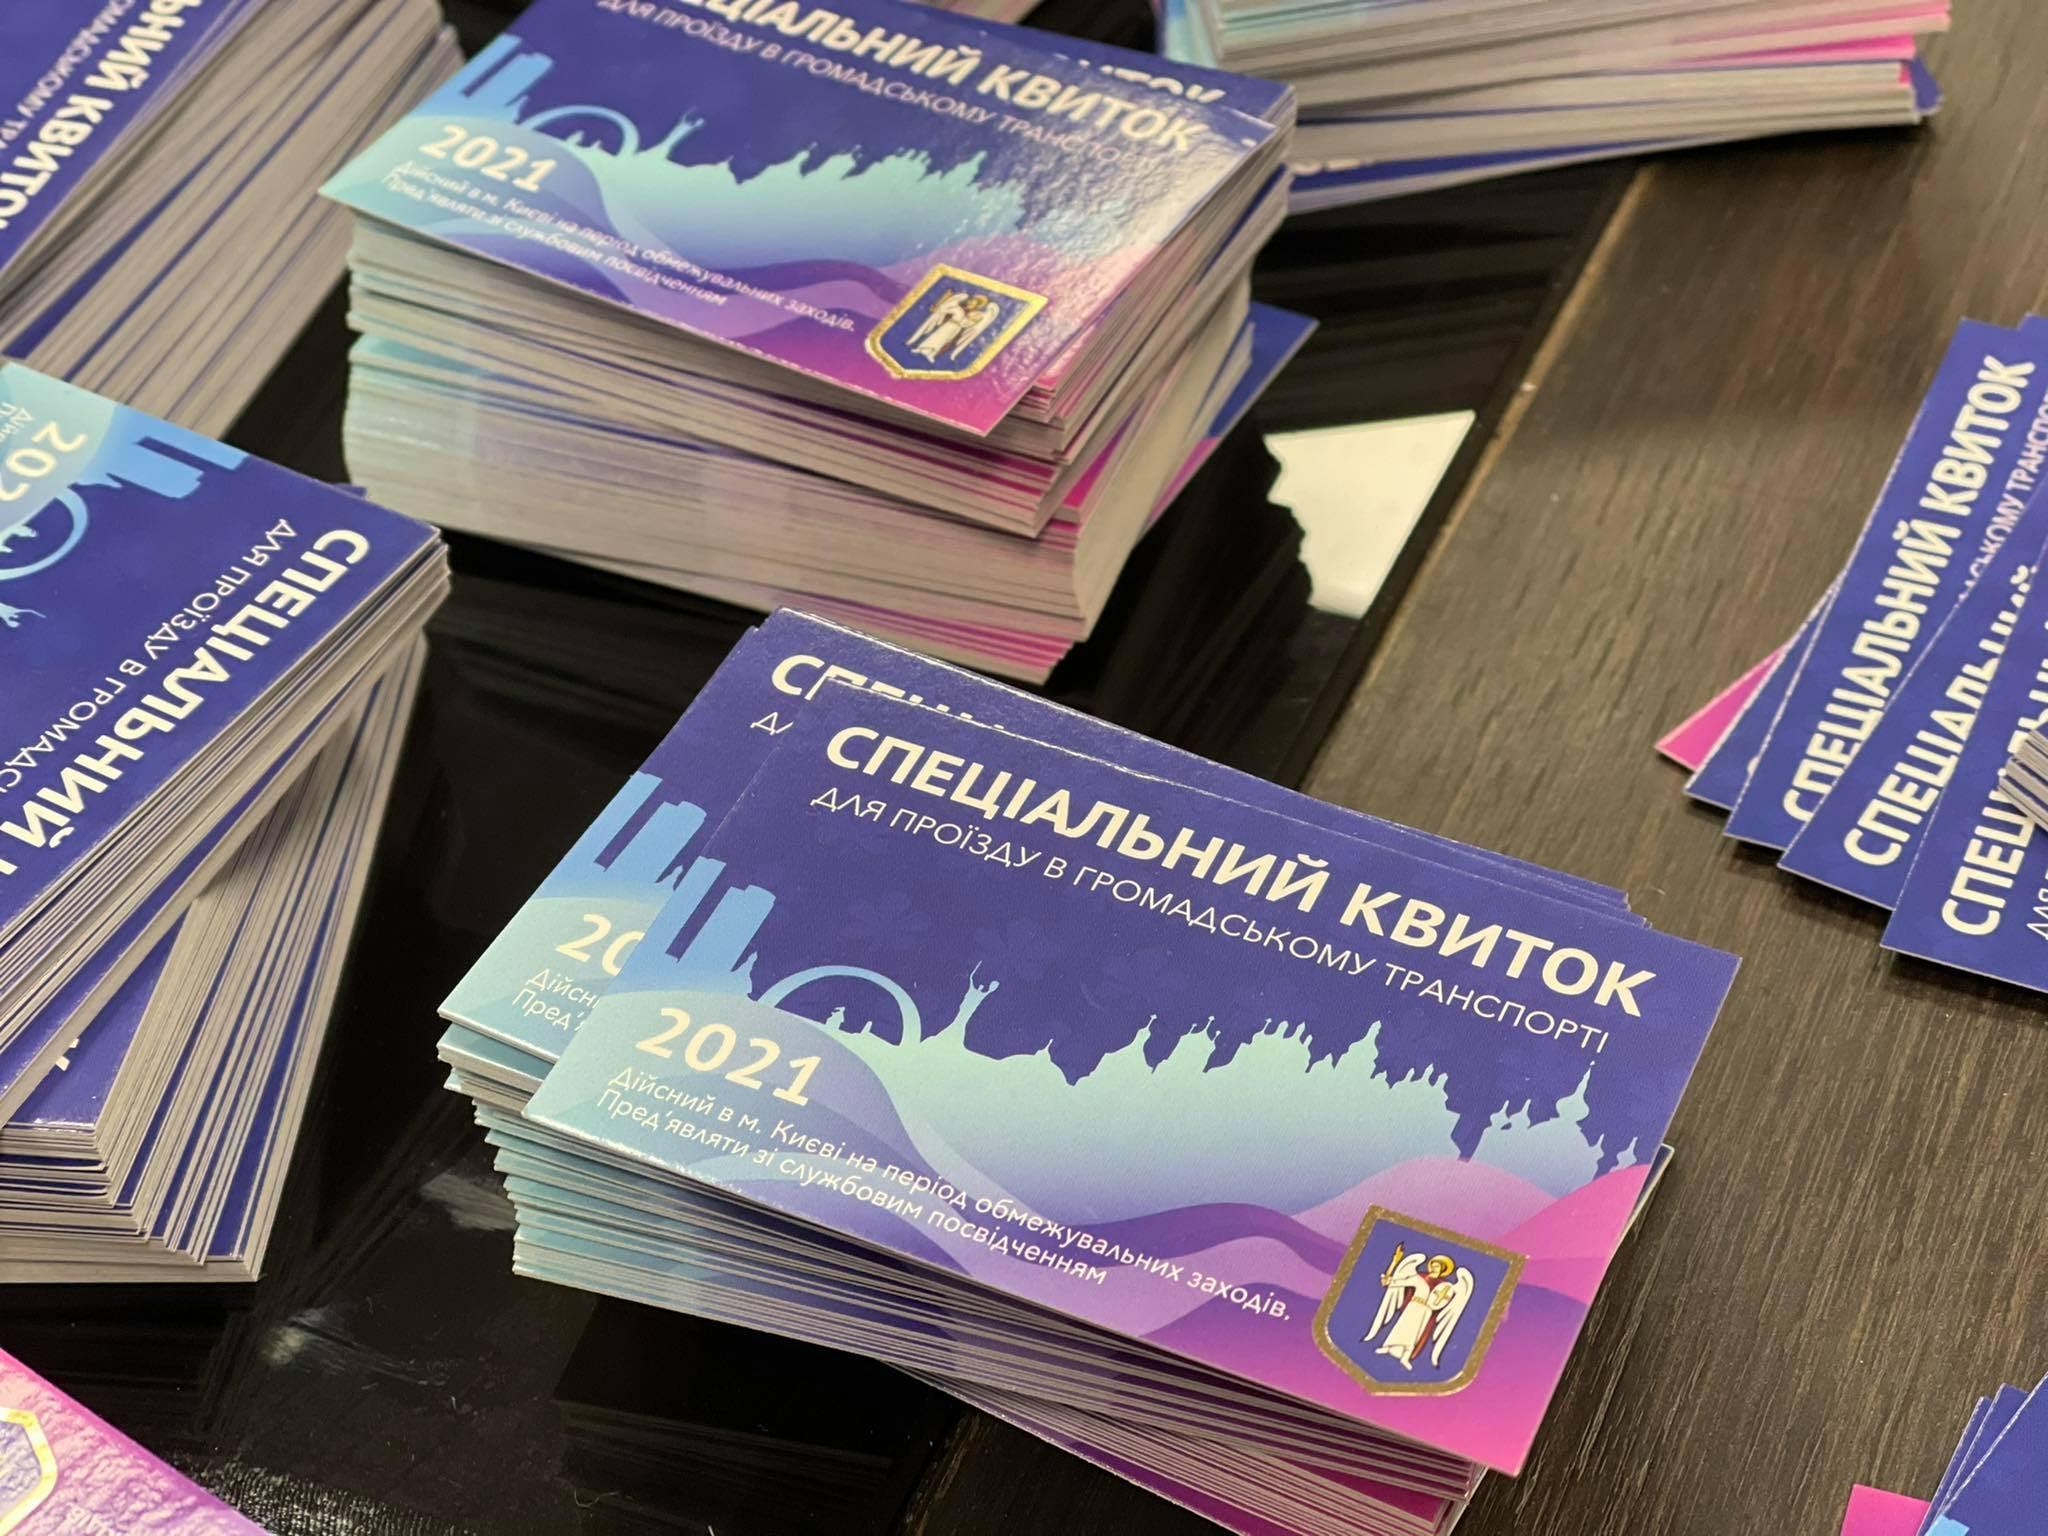 Киевлянам предлагают заполнить заявку для получения спецпропусков для транспорта на случай локдауна